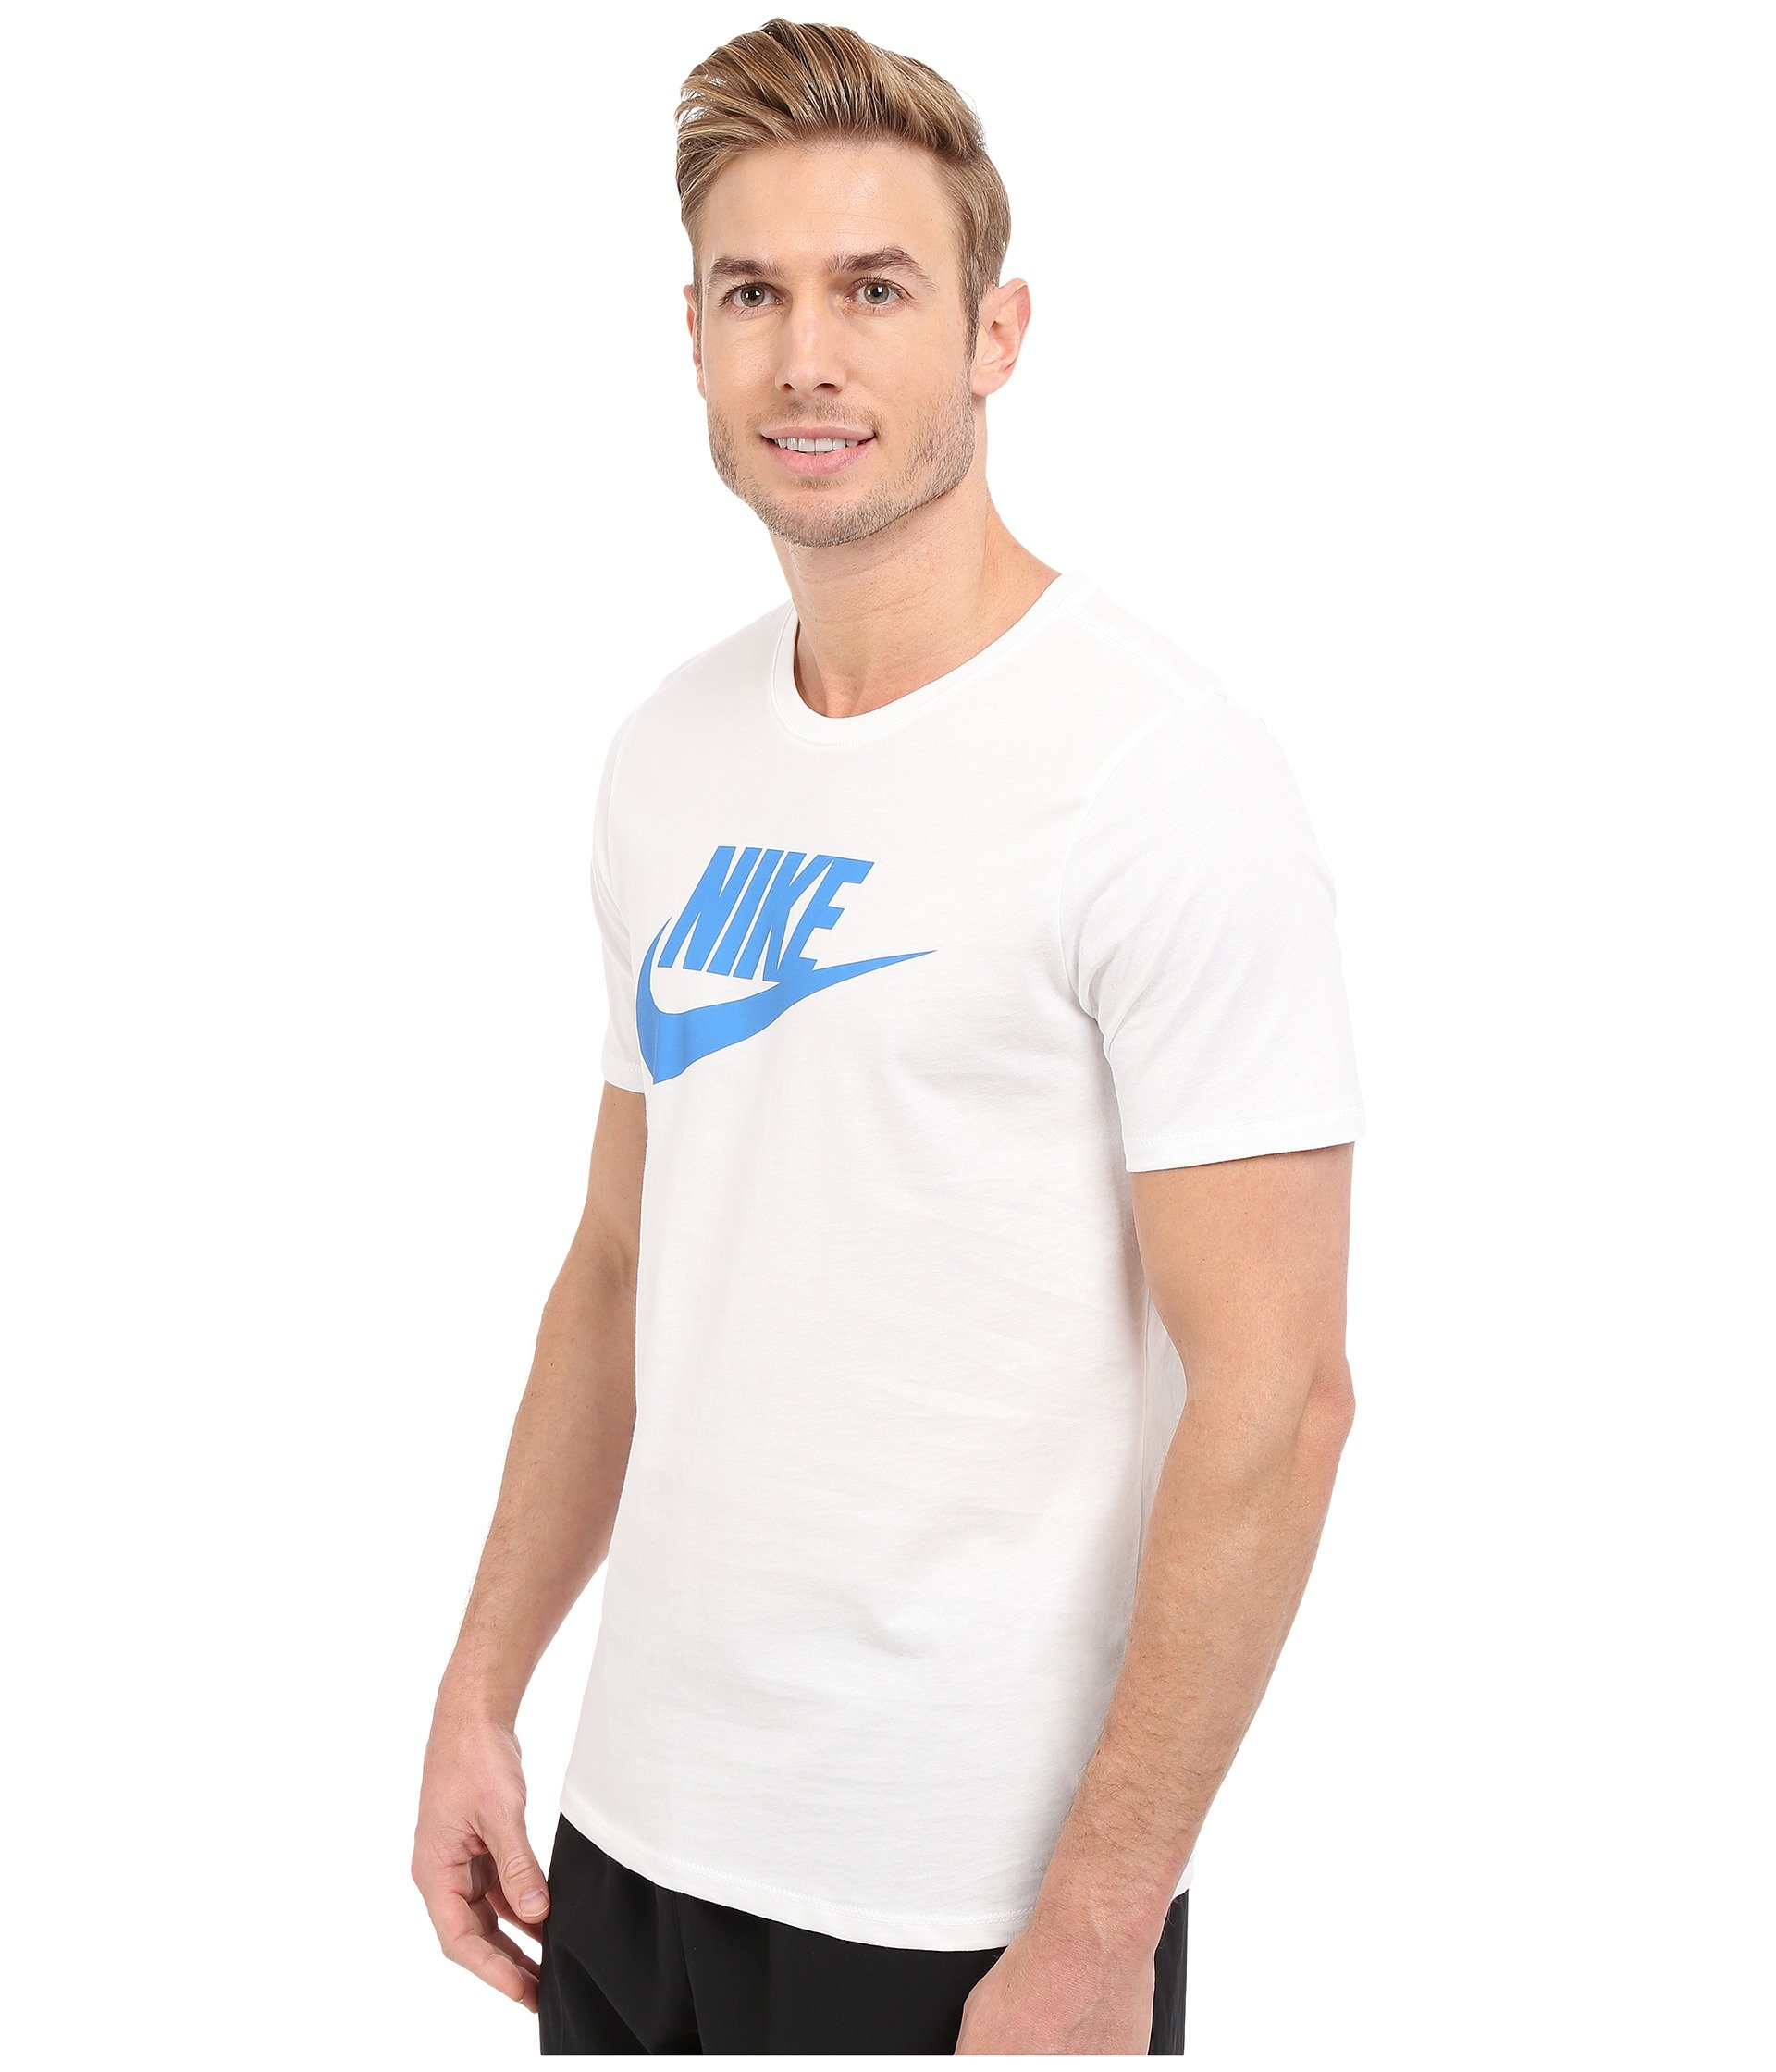 e1907c09 Nike Futura Icon Tee in White for Men - Lyst